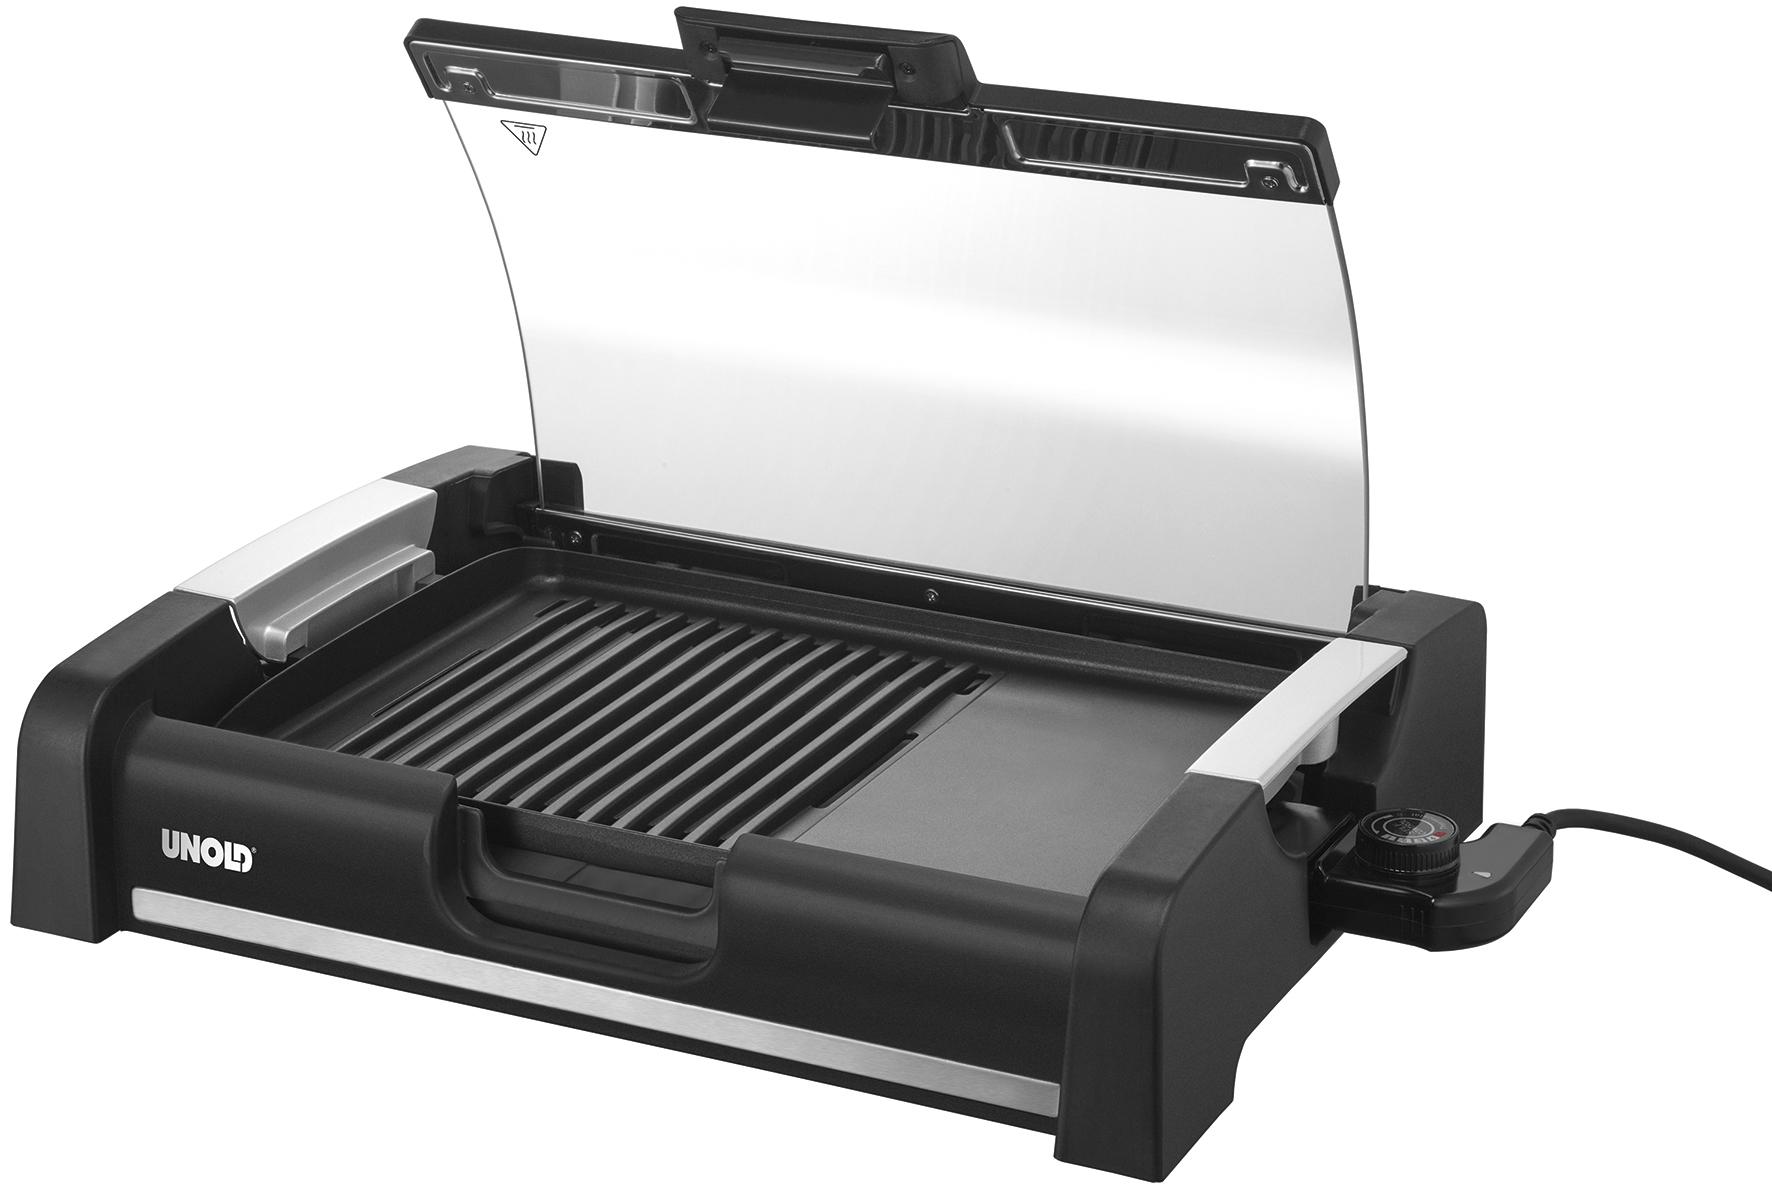 Unold Elektrogrill Test : Unold barbecue grill edel reinigt sich fast von alleine